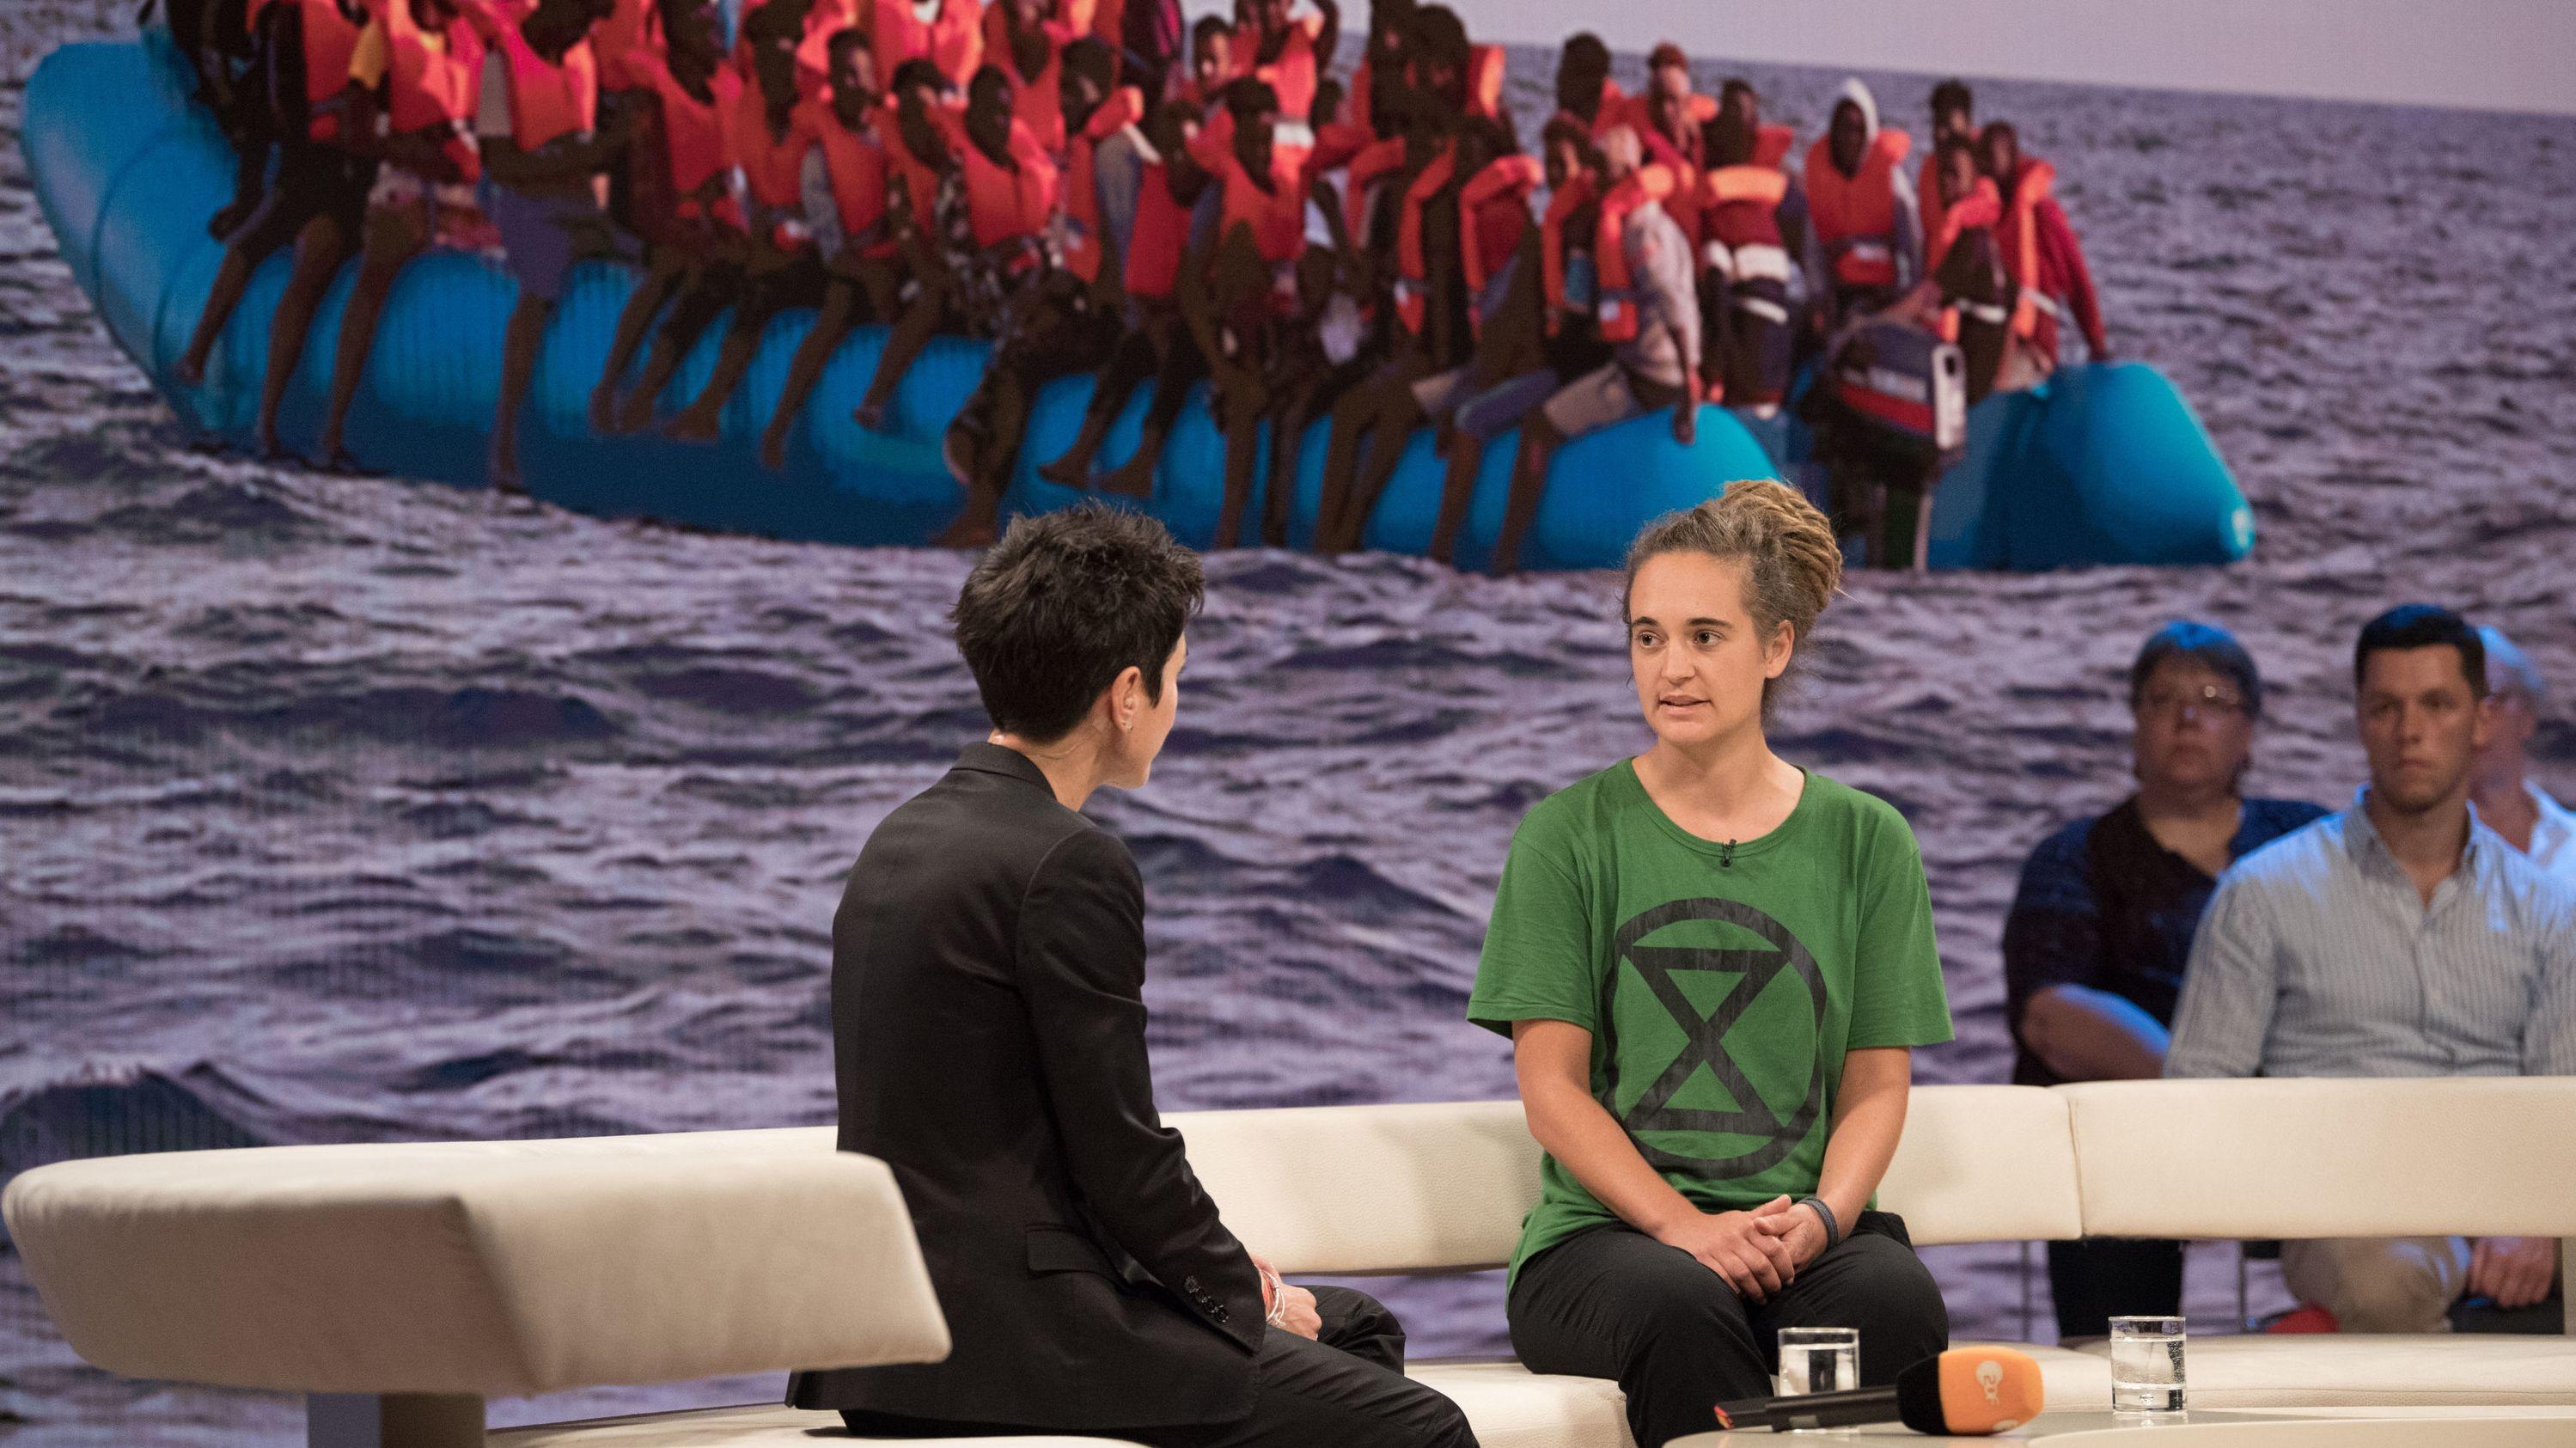 """Die Kapitänin Carola Rackete würde wieder Flüchtlinge in Seenot retten. Das sagte die 31-Jährige am Mittwochabend bei """"Dunja Hayali""""."""